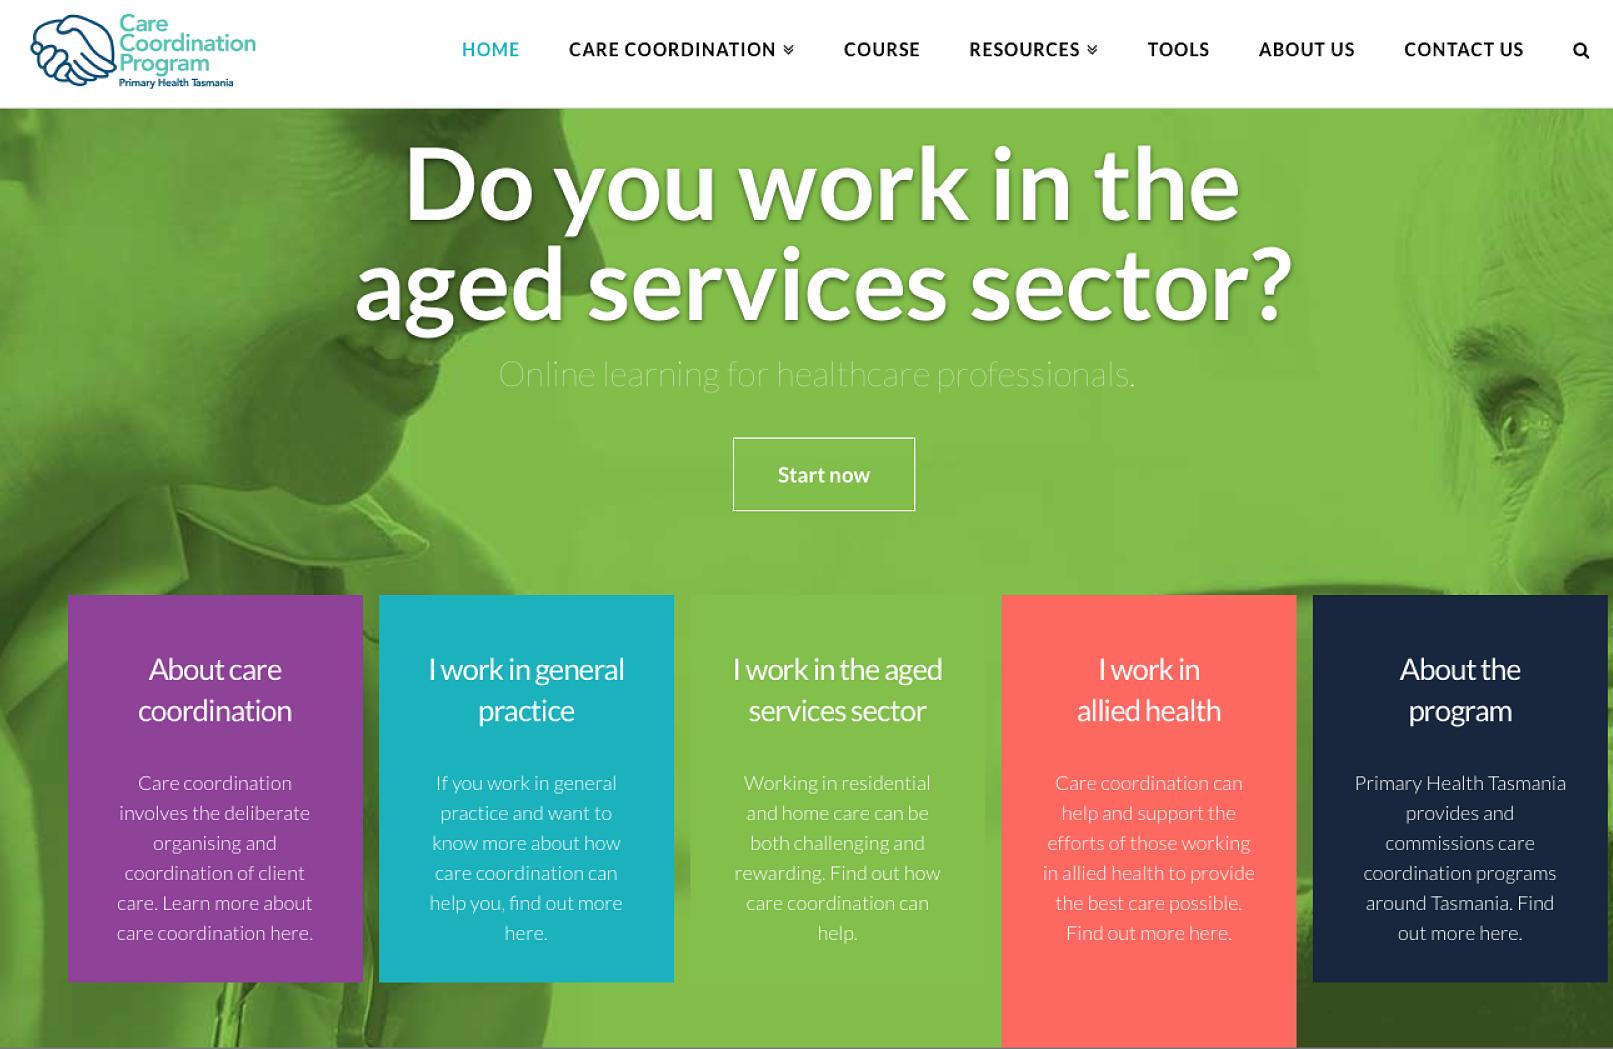 Primary Health Tasmania Care Coordination website, copyediting by Hit Send